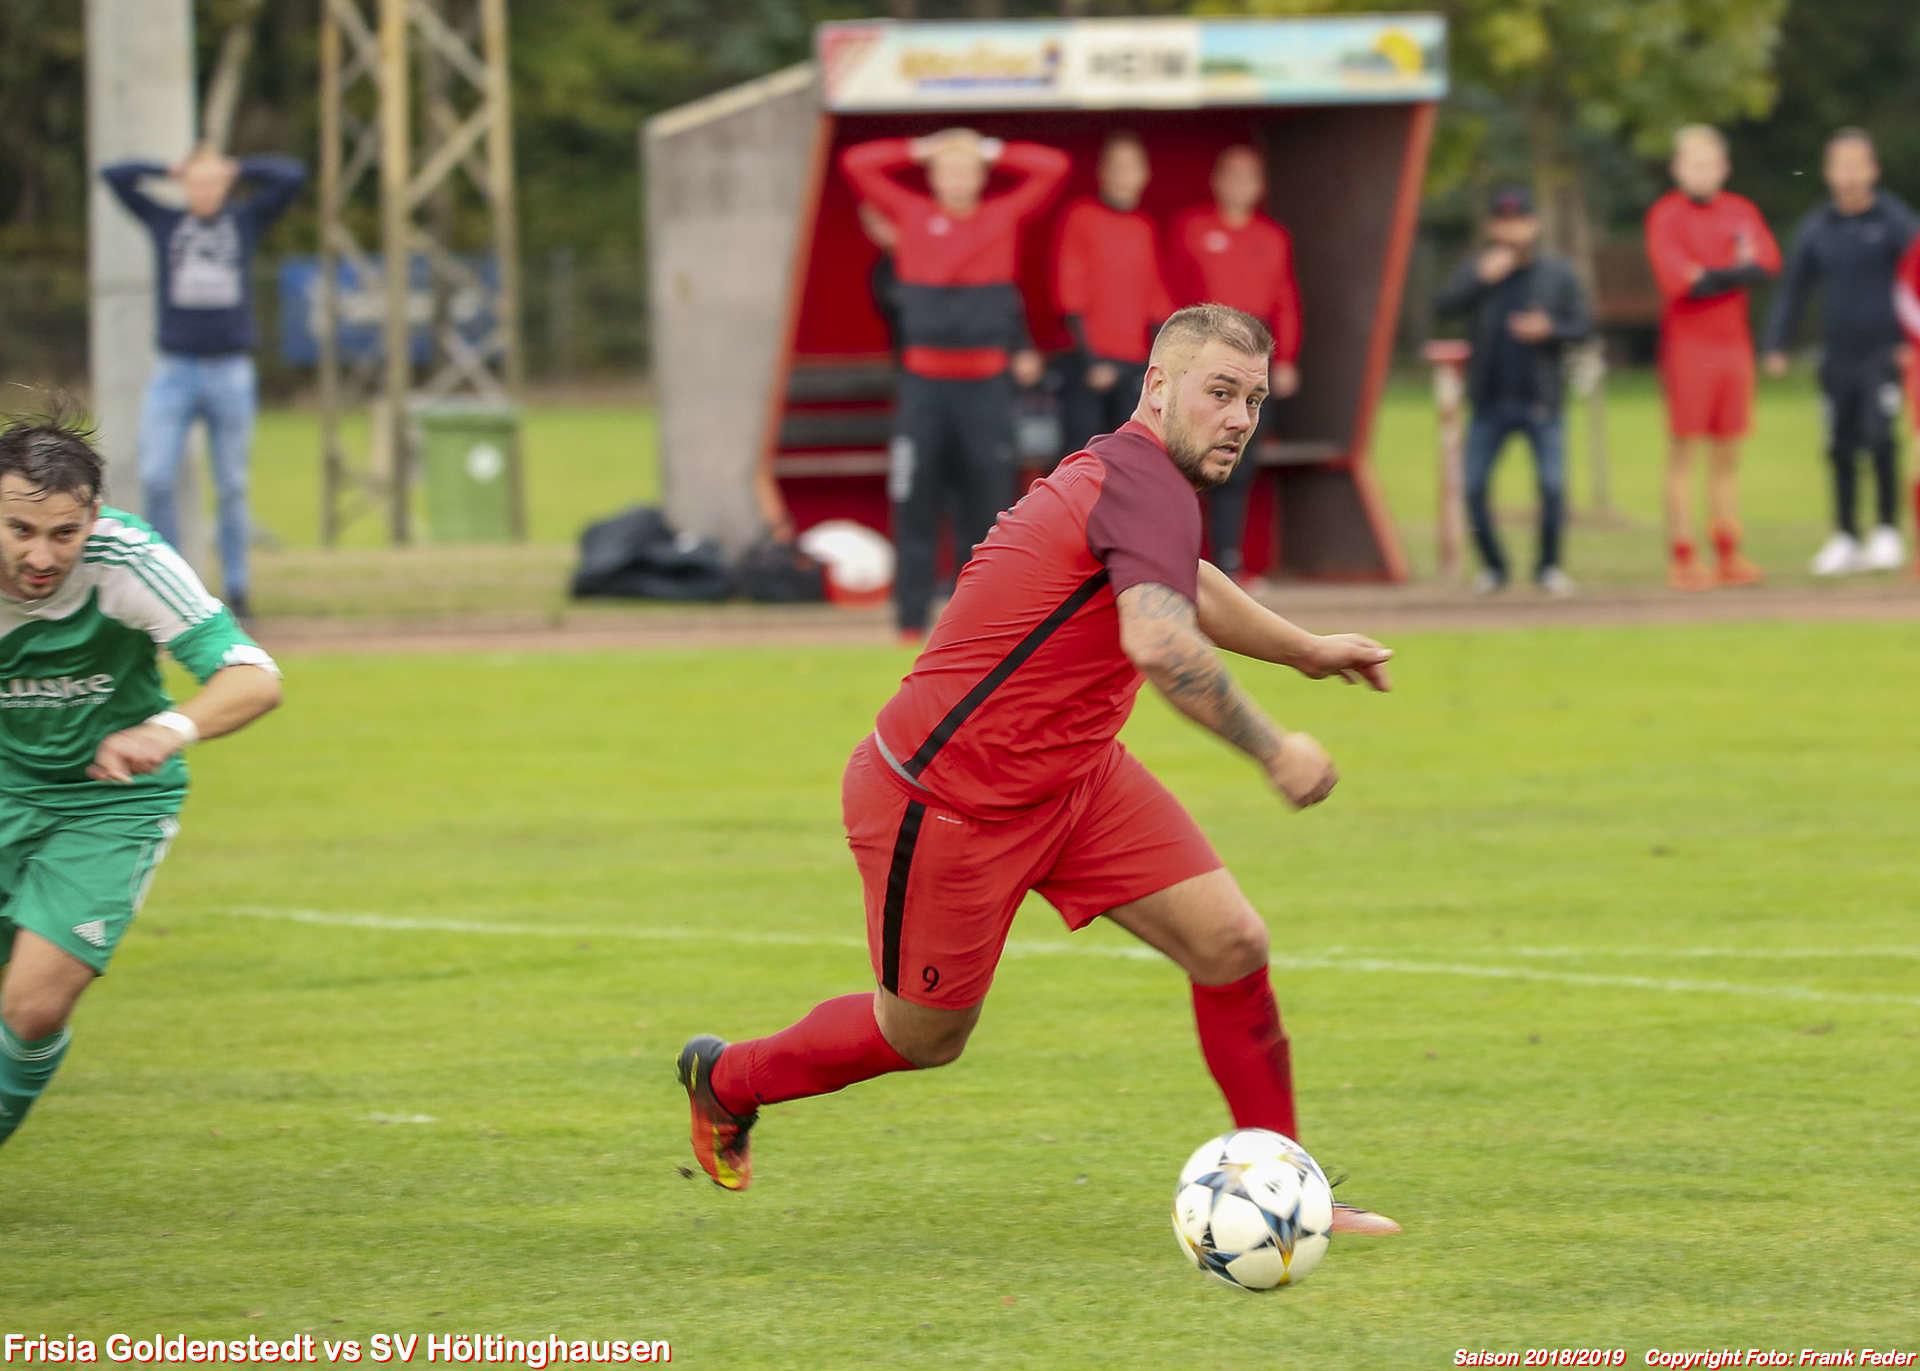 WEB_01 Frisia vs Hoeltinghausen 2018_09_30_1639_0067.jpg